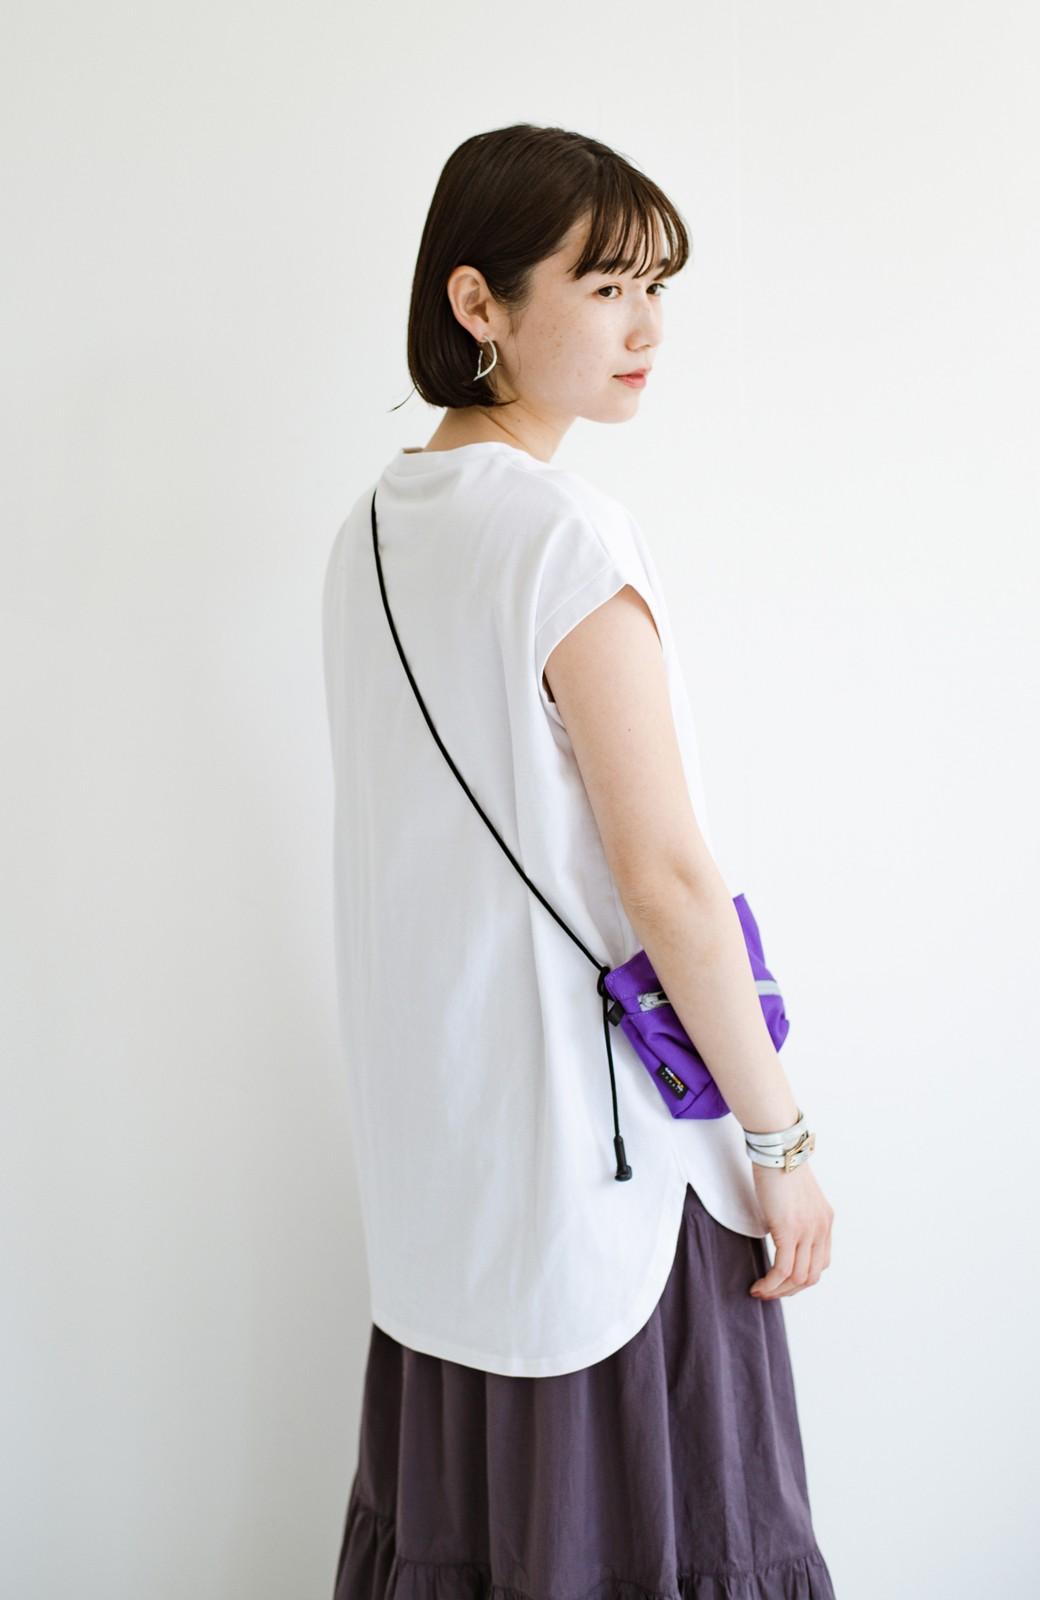 haco! 大人のTシャツこれならいける?!ちょい袖でかっこよく見せるTシャツ by que made me + PBP <ホワイト>の商品写真5